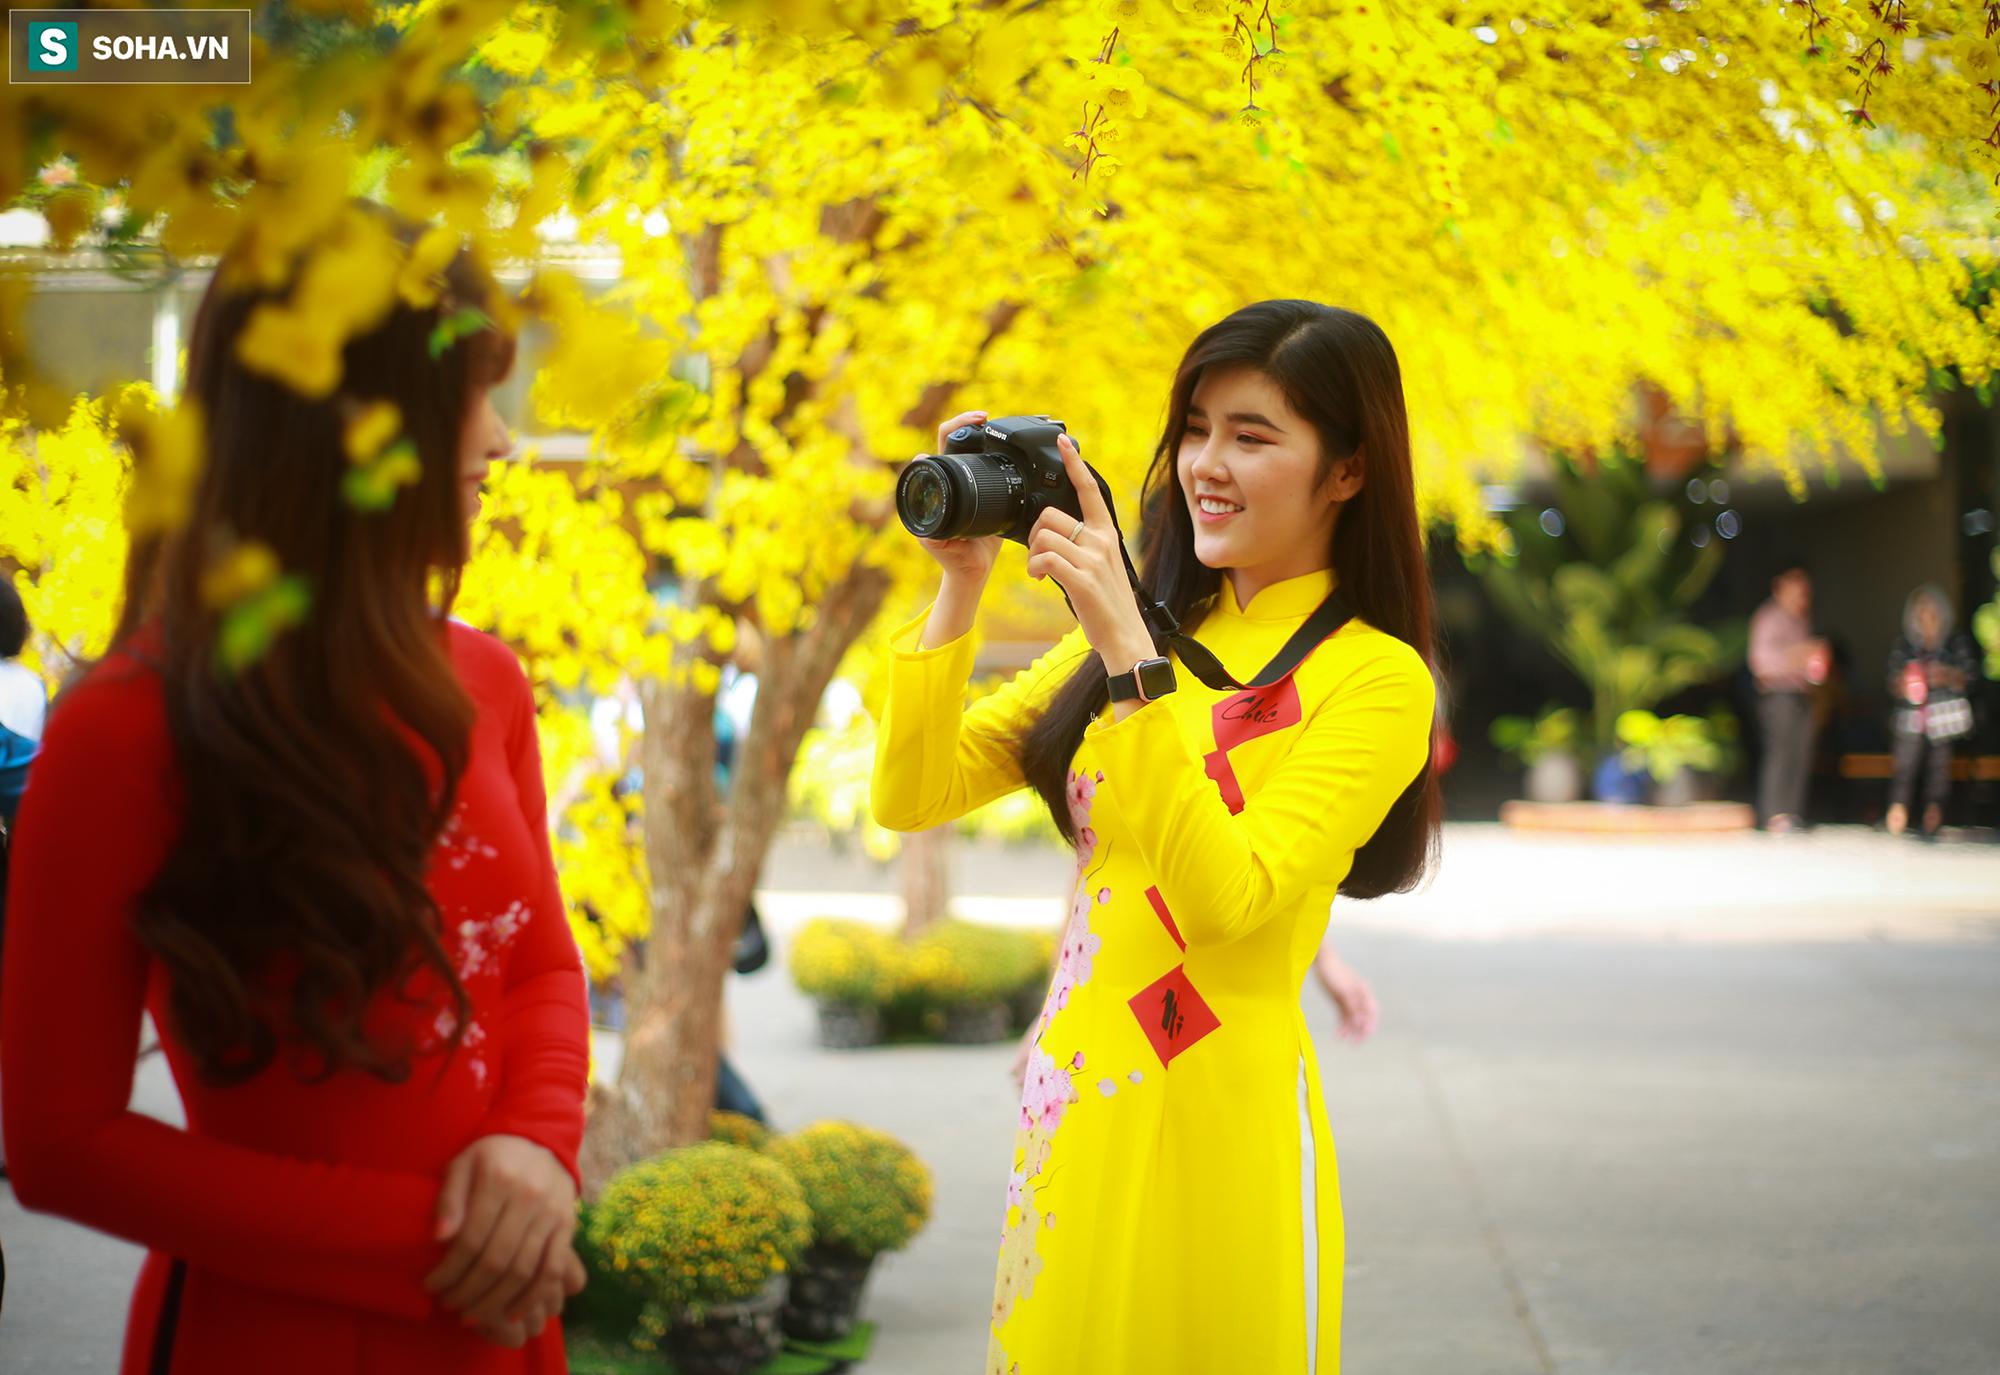 [Ảnh] Thiếu nữ Sài Gòn xinh đẹp xúng xính áo dài check-in sống ảo ở con đường hoa mai - Ảnh 2.